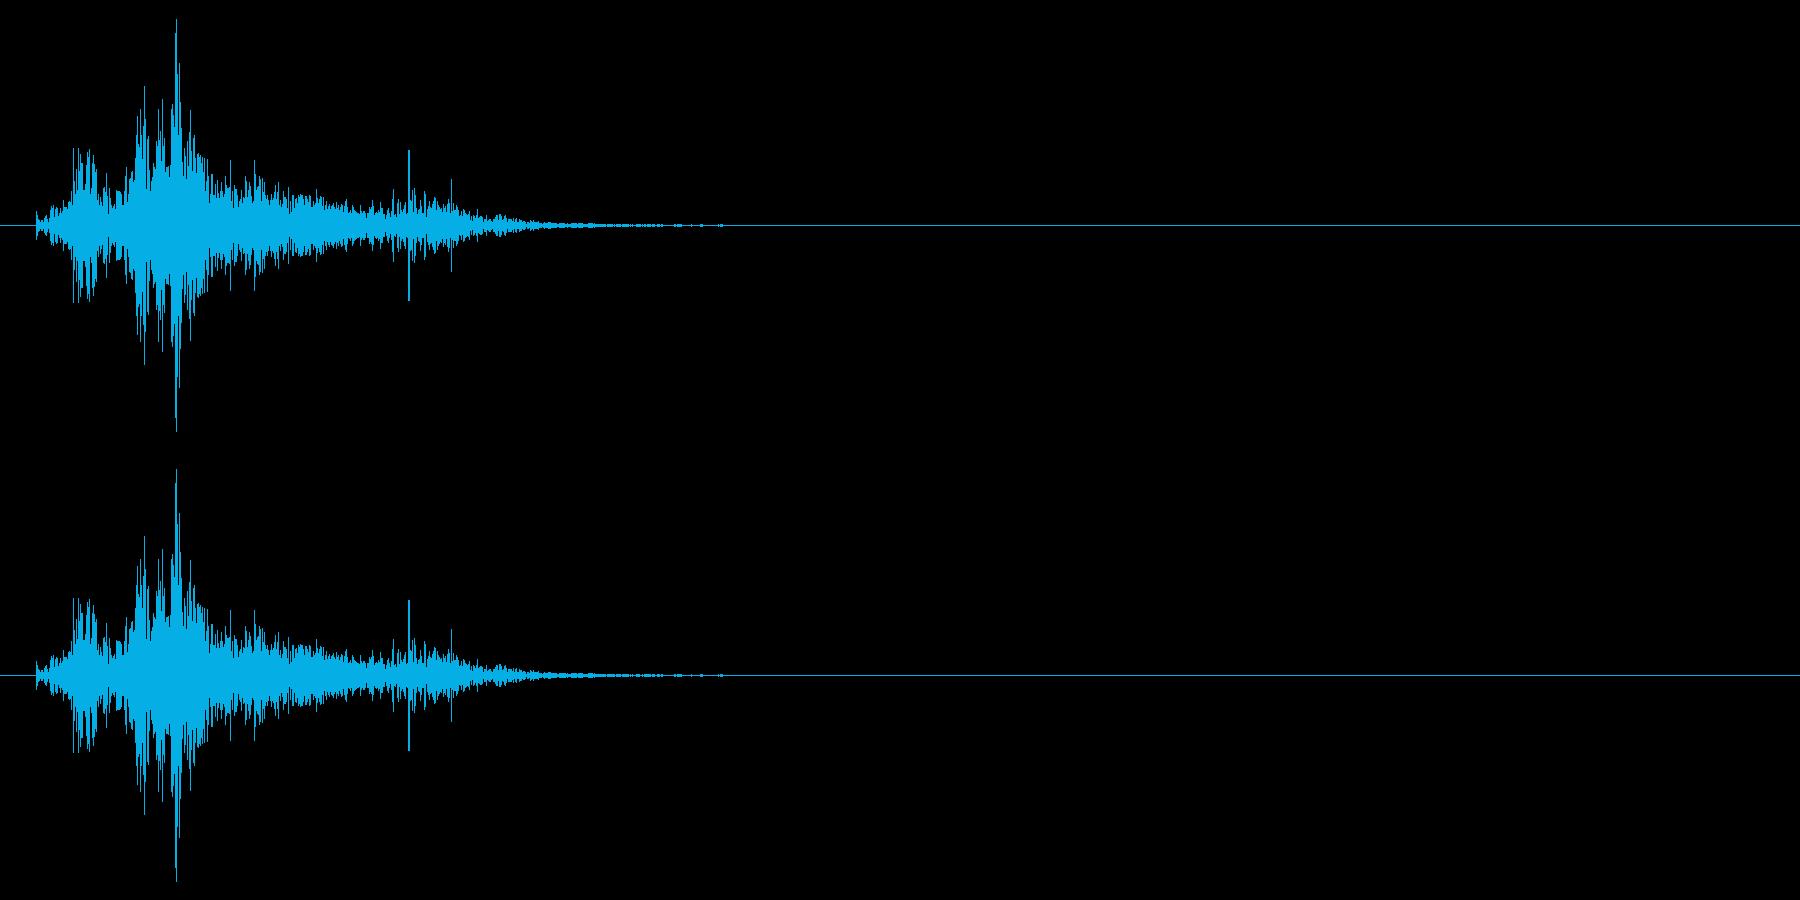 ドサッ(人が倒れる音)02の再生済みの波形